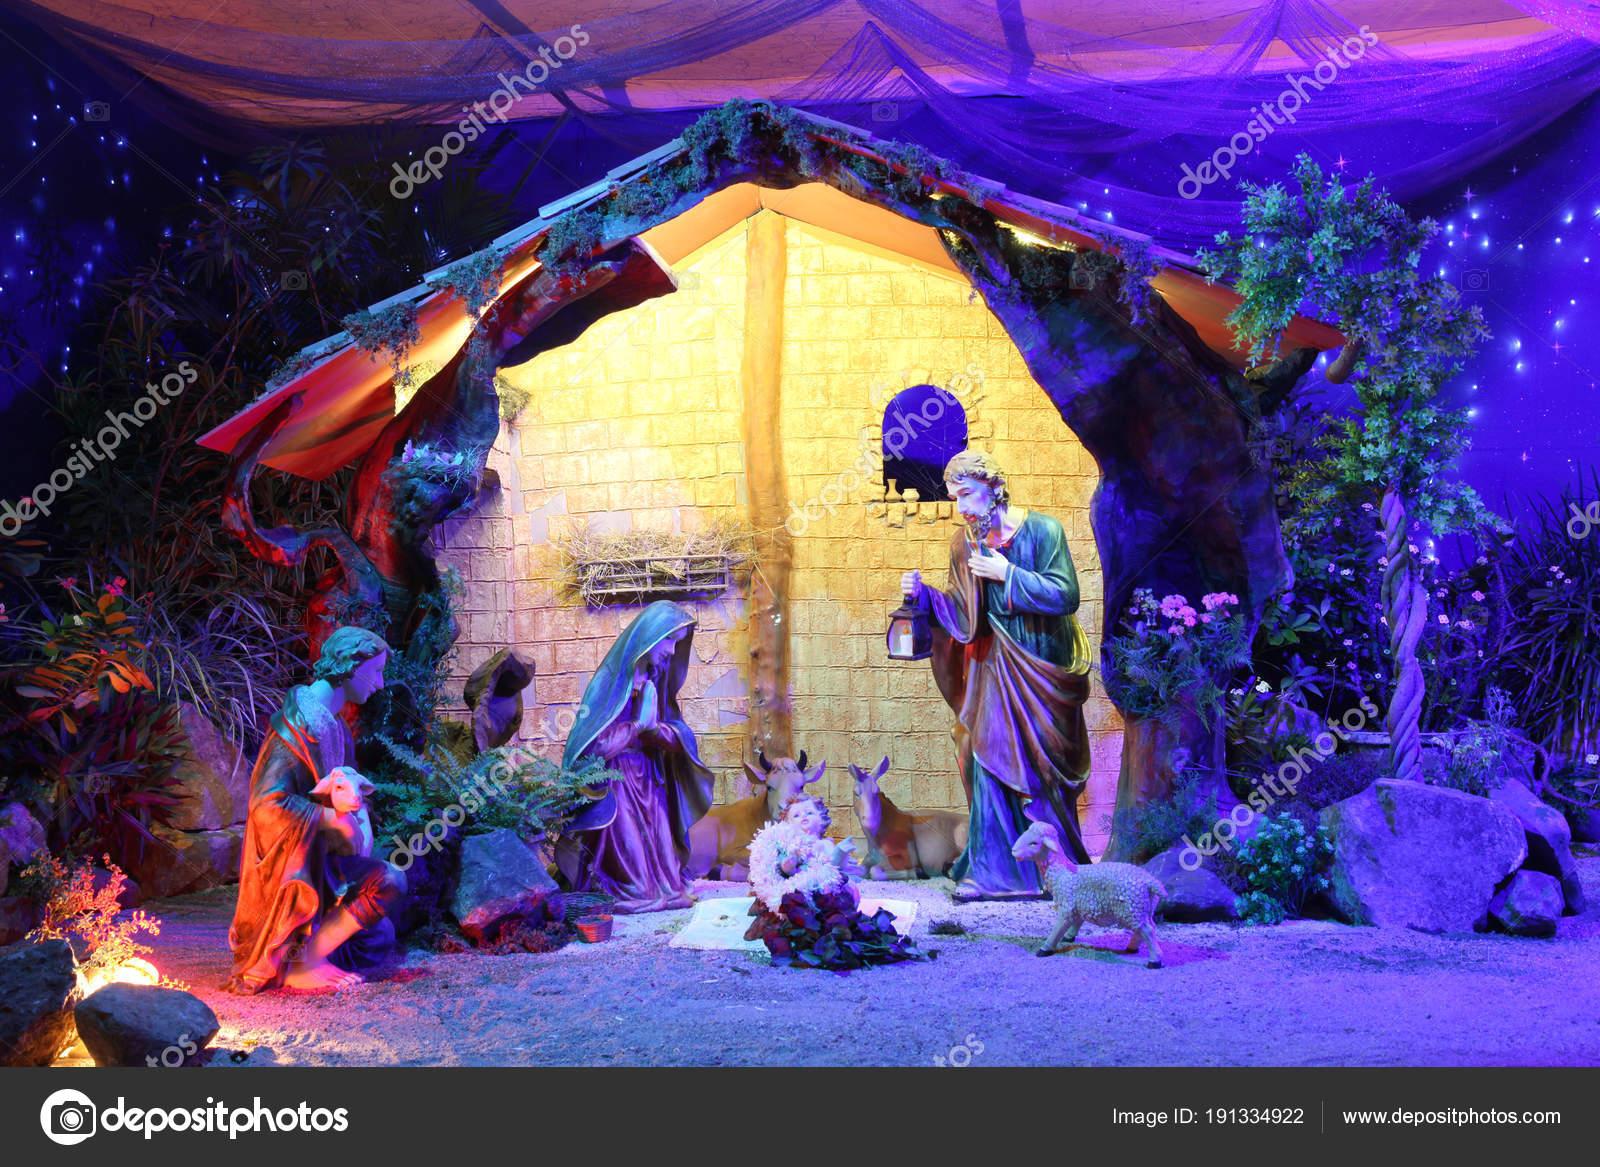 Immagini Nativita Natale.Scena Nativita Natale Con Statuette Tra Cui Gesu Maria